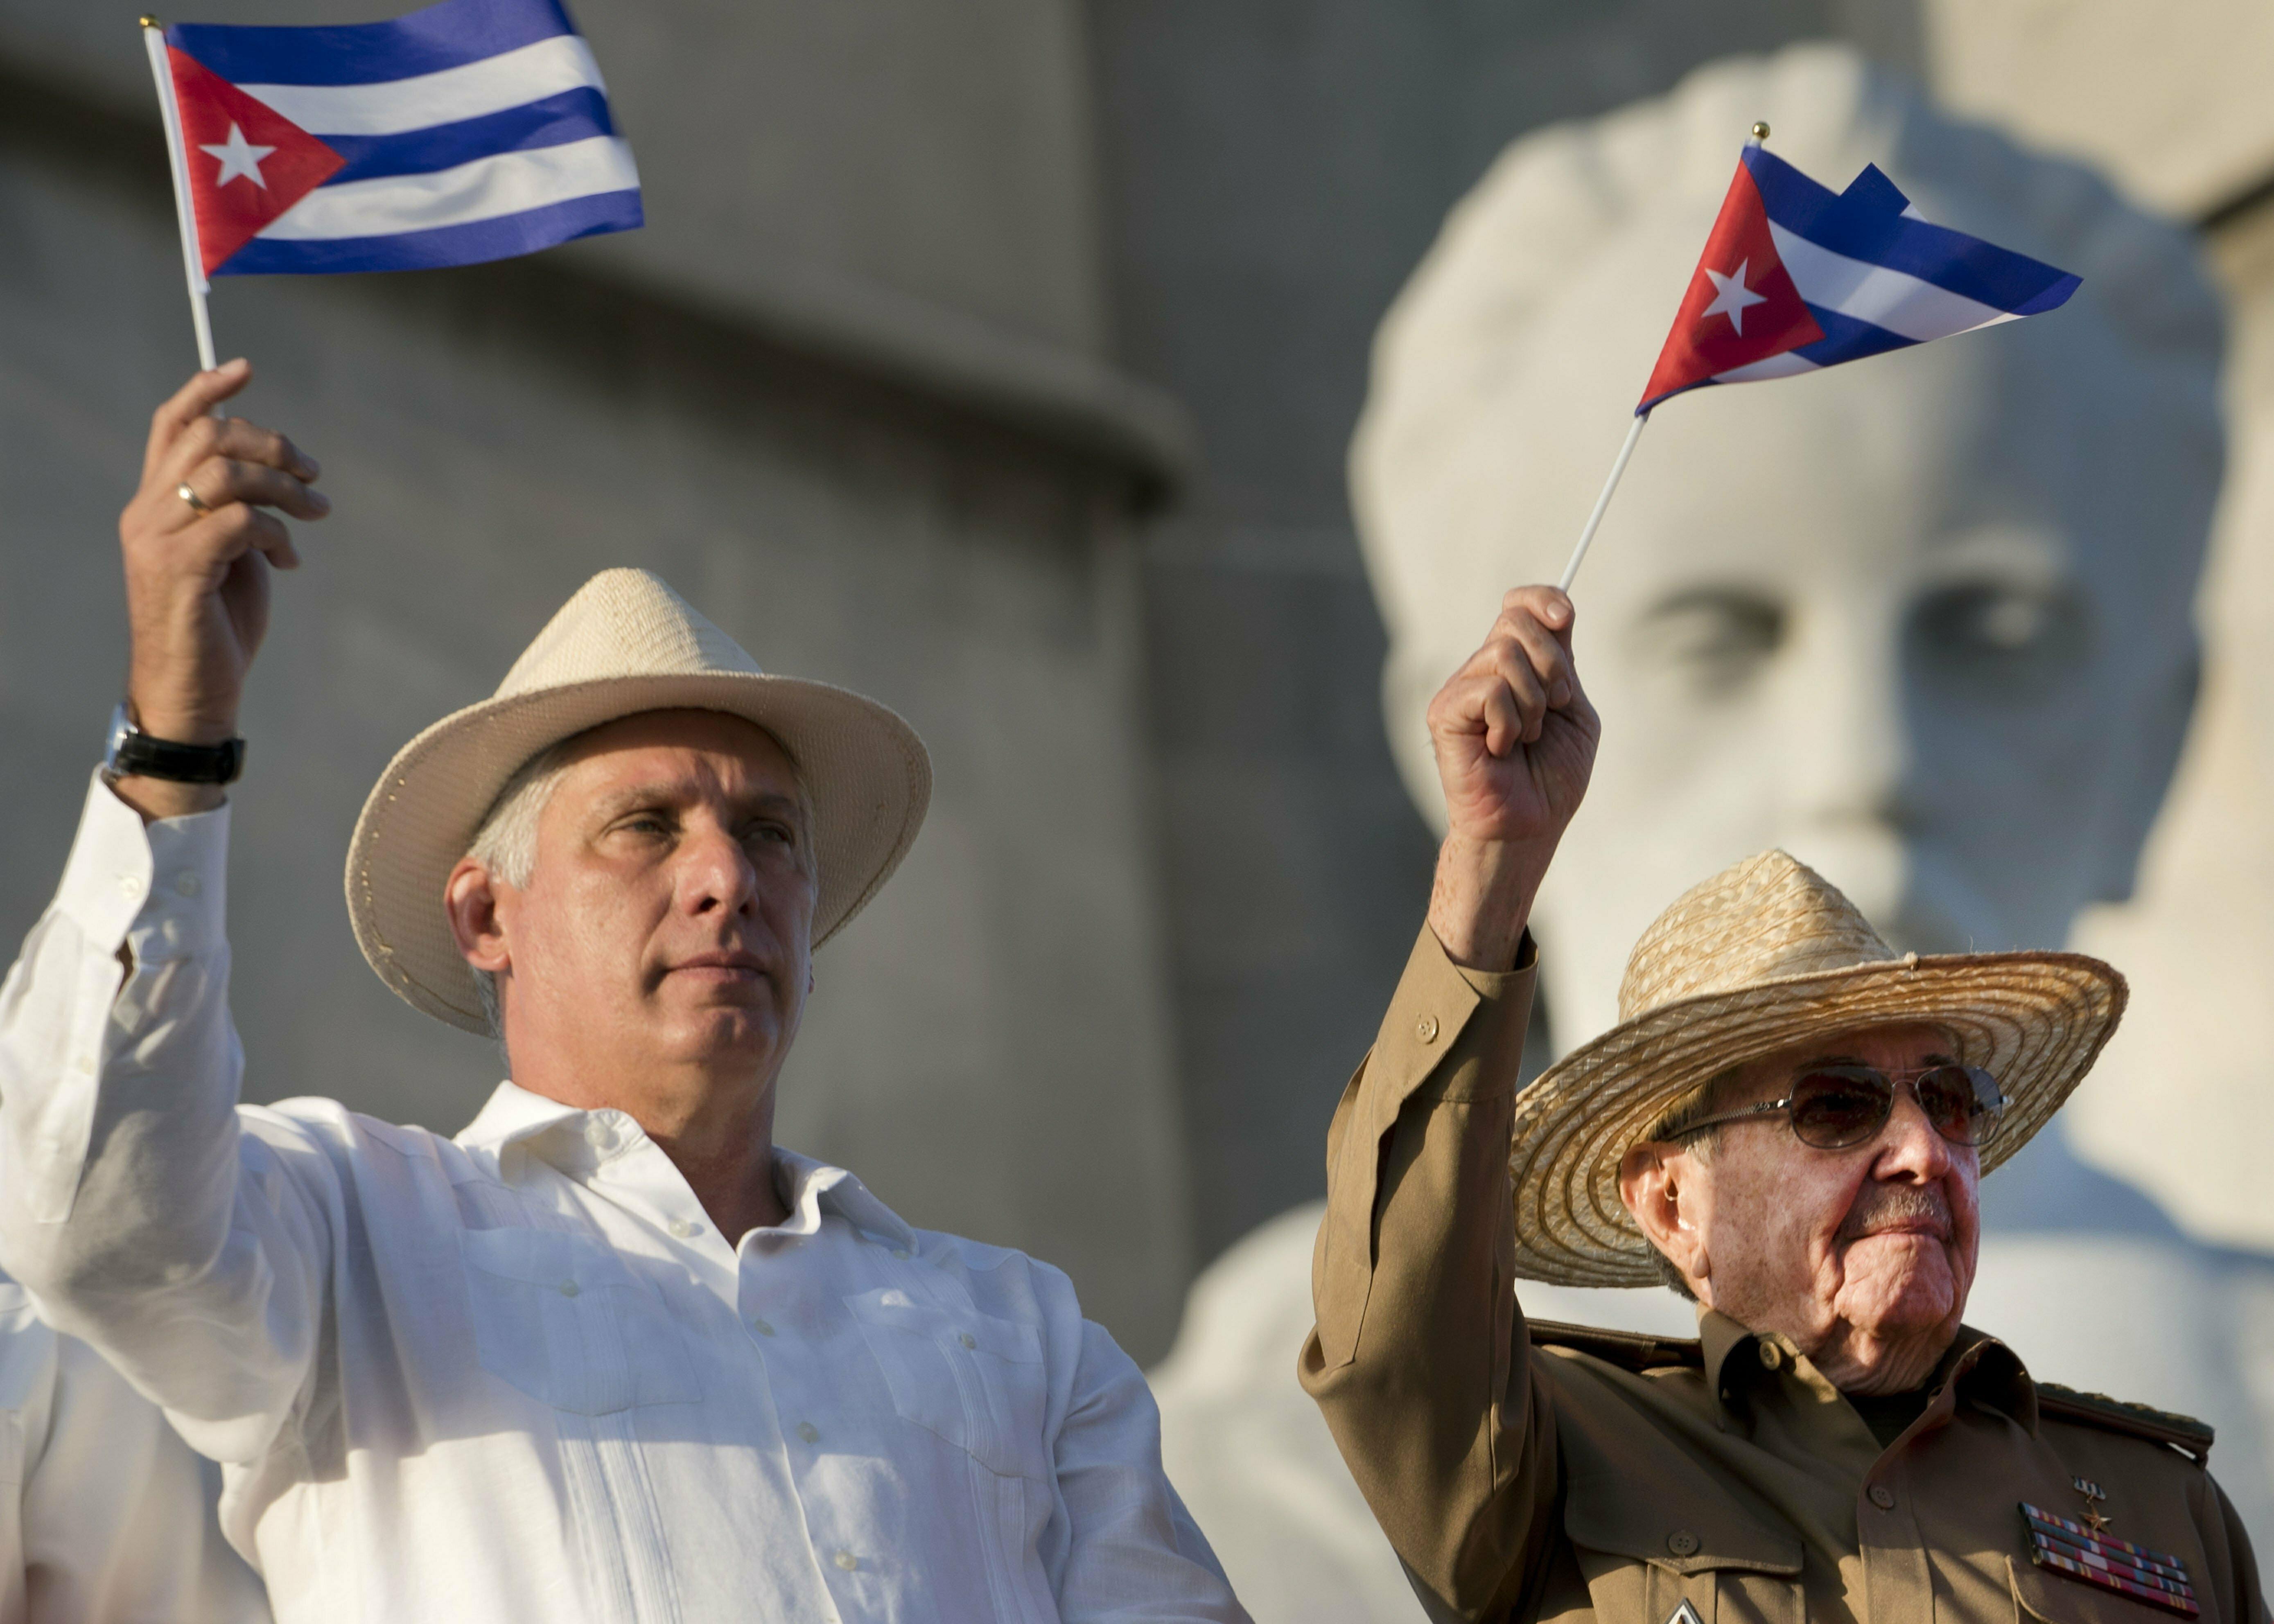 El presidente Miguel Díaz-Canel, a la izquierda, junto a Raúl Castro.